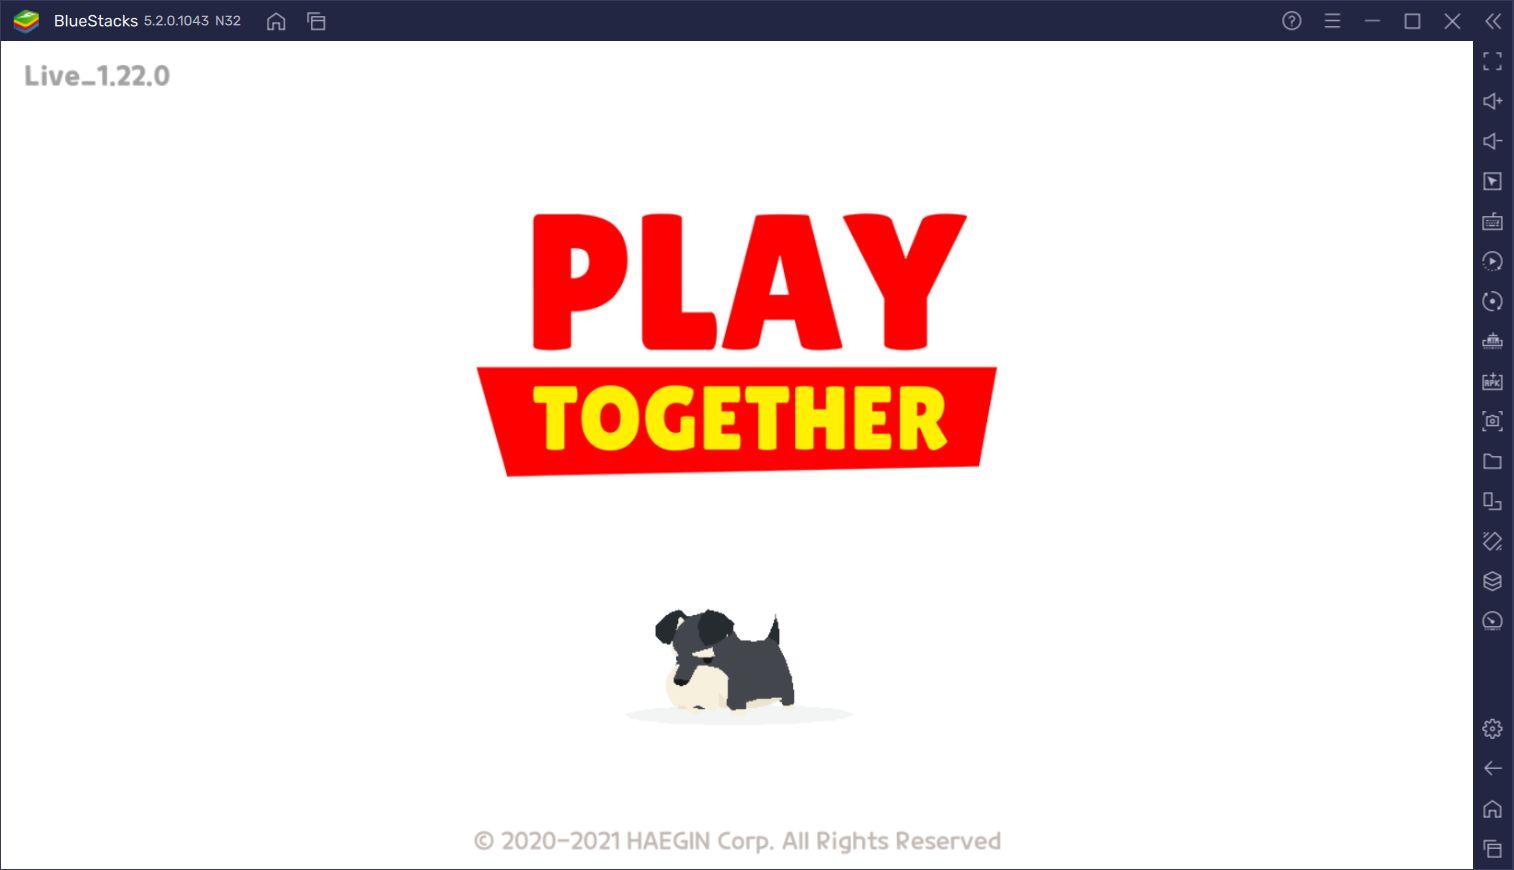 BlueStacks ile Bilgisayarınızda Play Together Oynayın